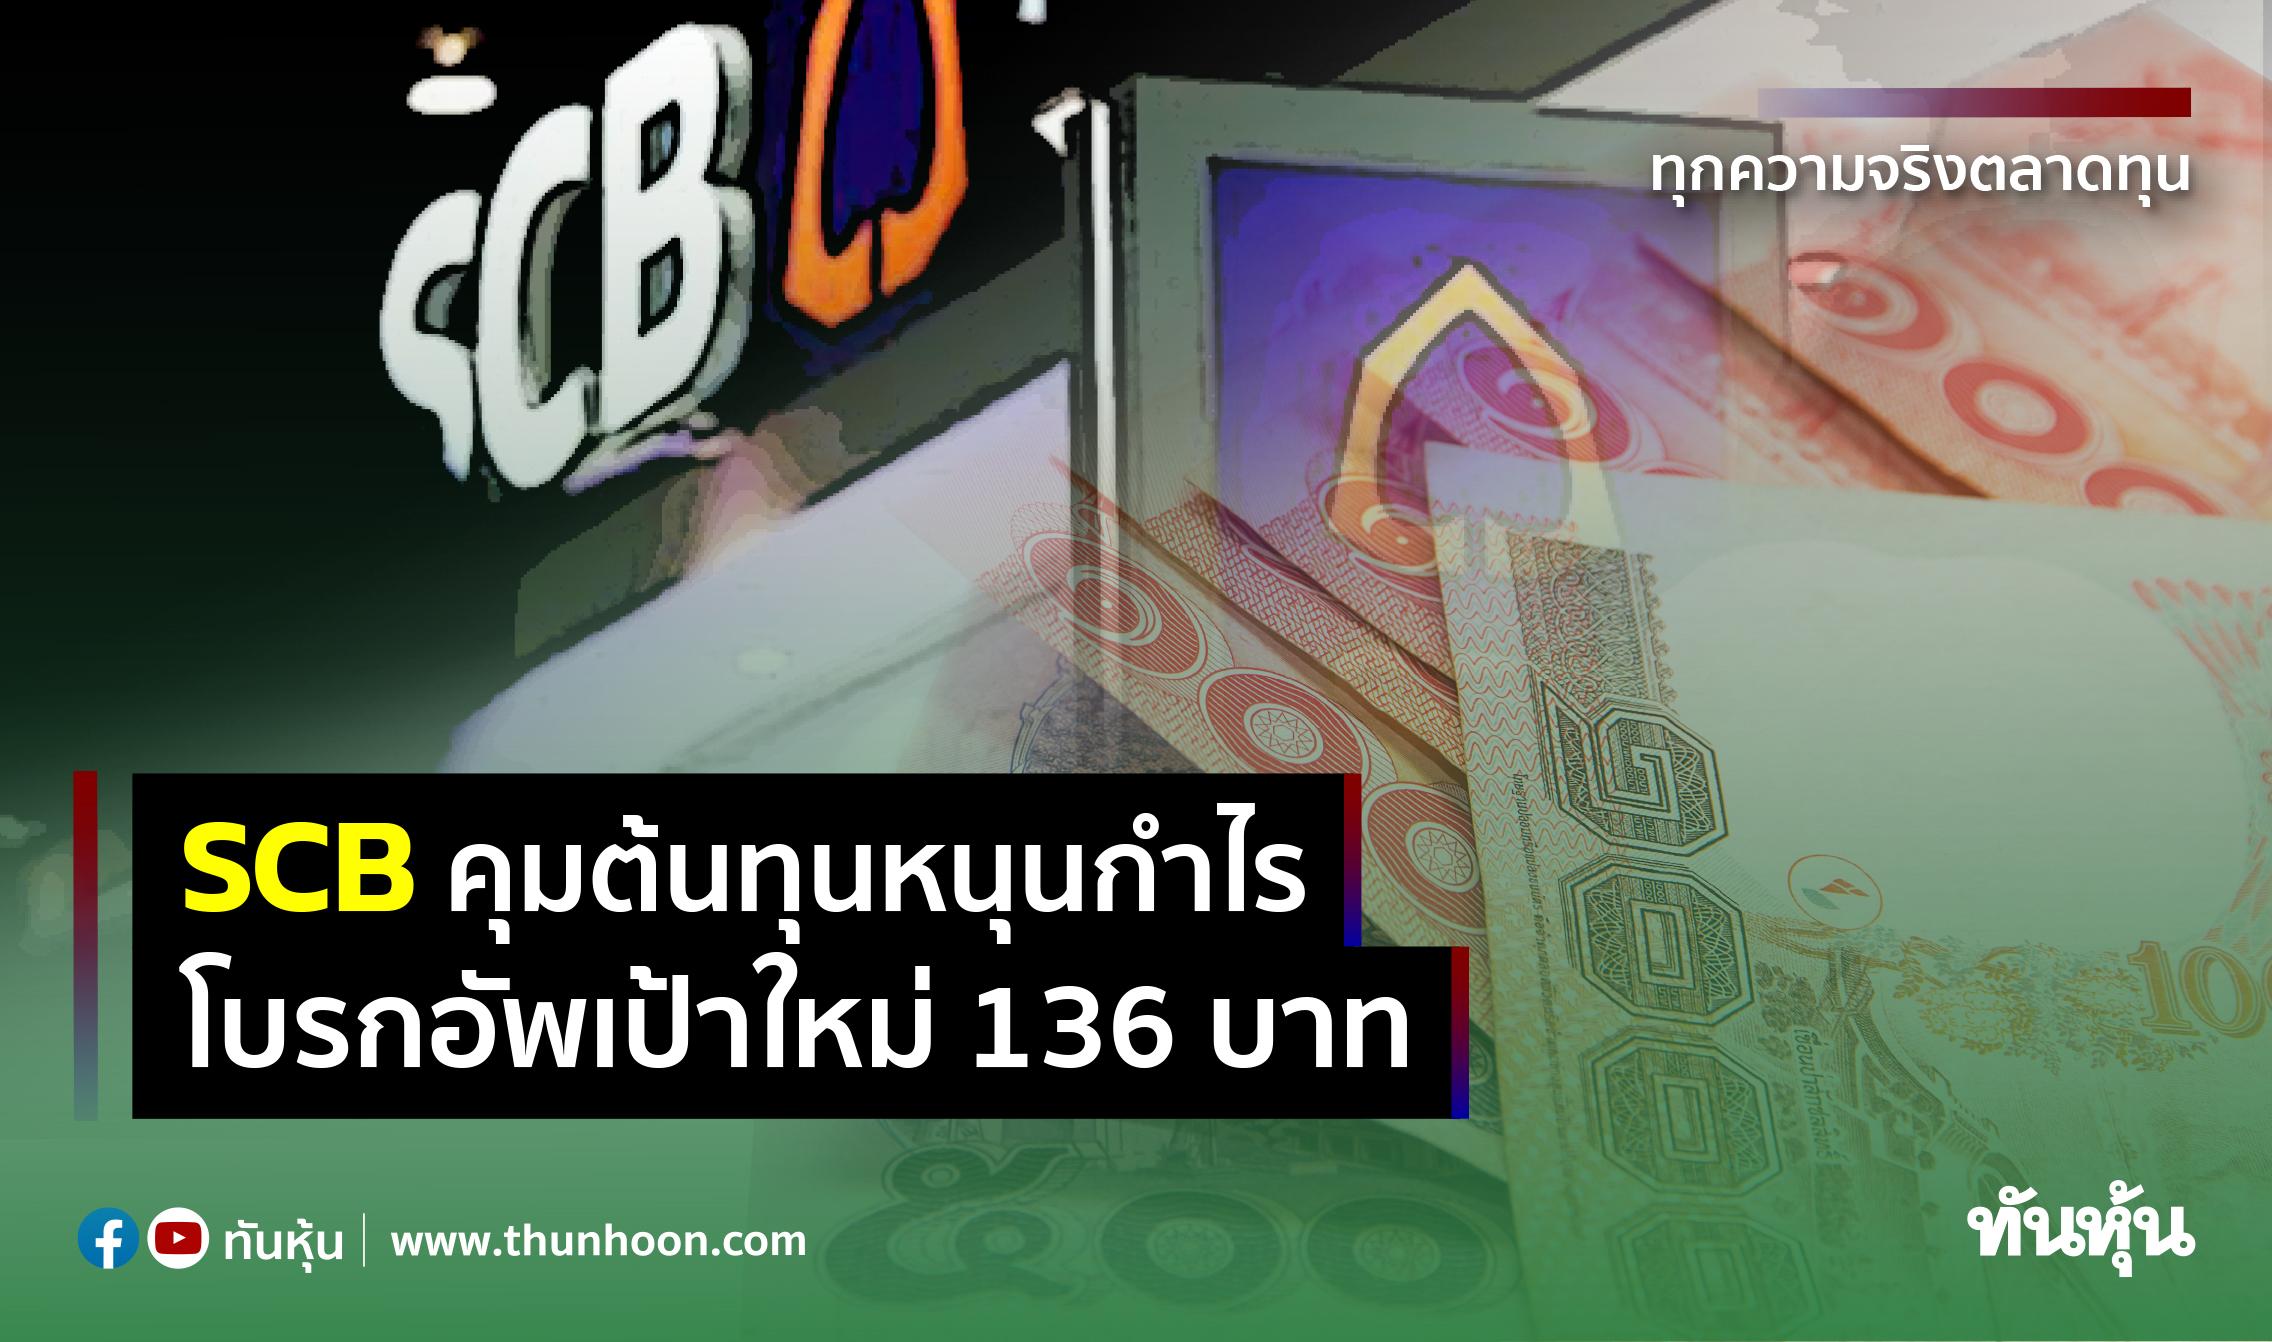 SCB คุมต้นทุนหนุนกำไร โบรกอัพเป้าใหม่ 136 บาท